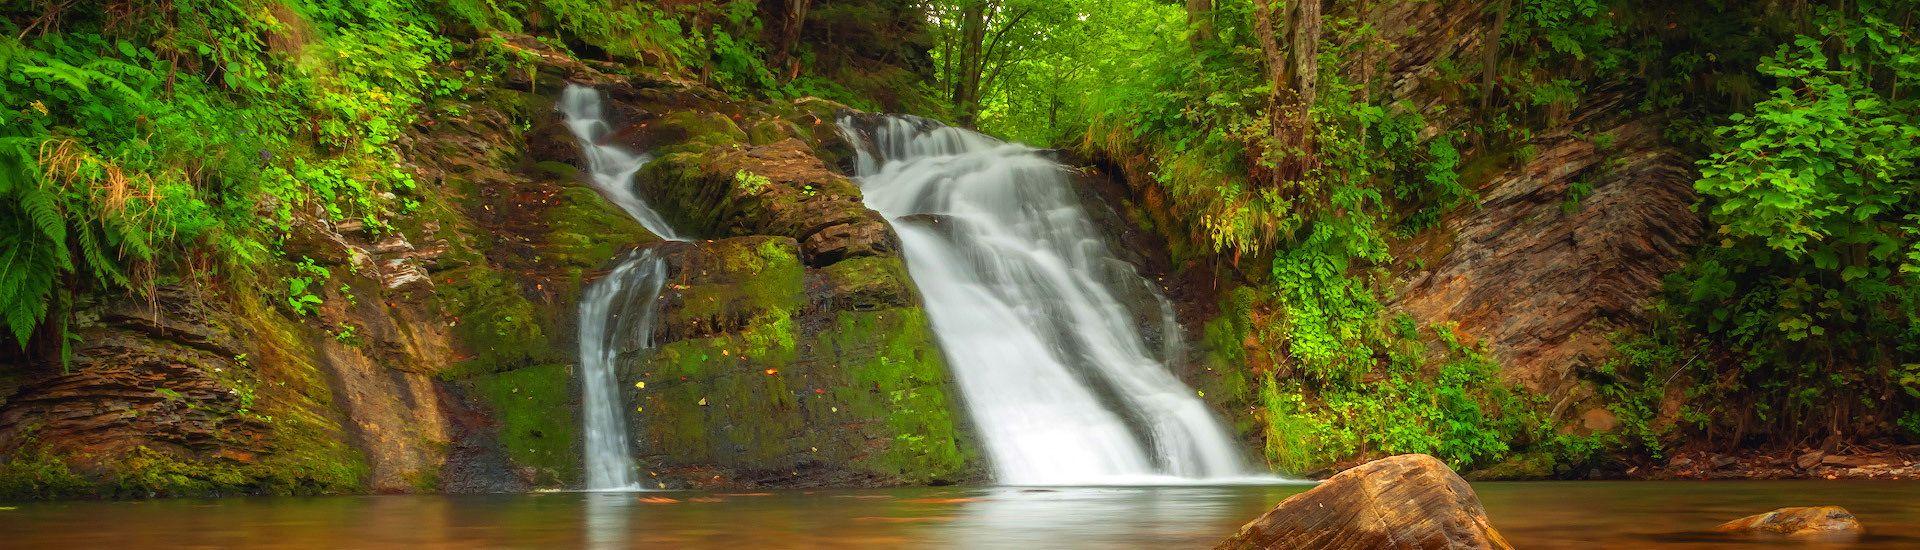 Водоспад Гуркало, маршрут на г. Парашка